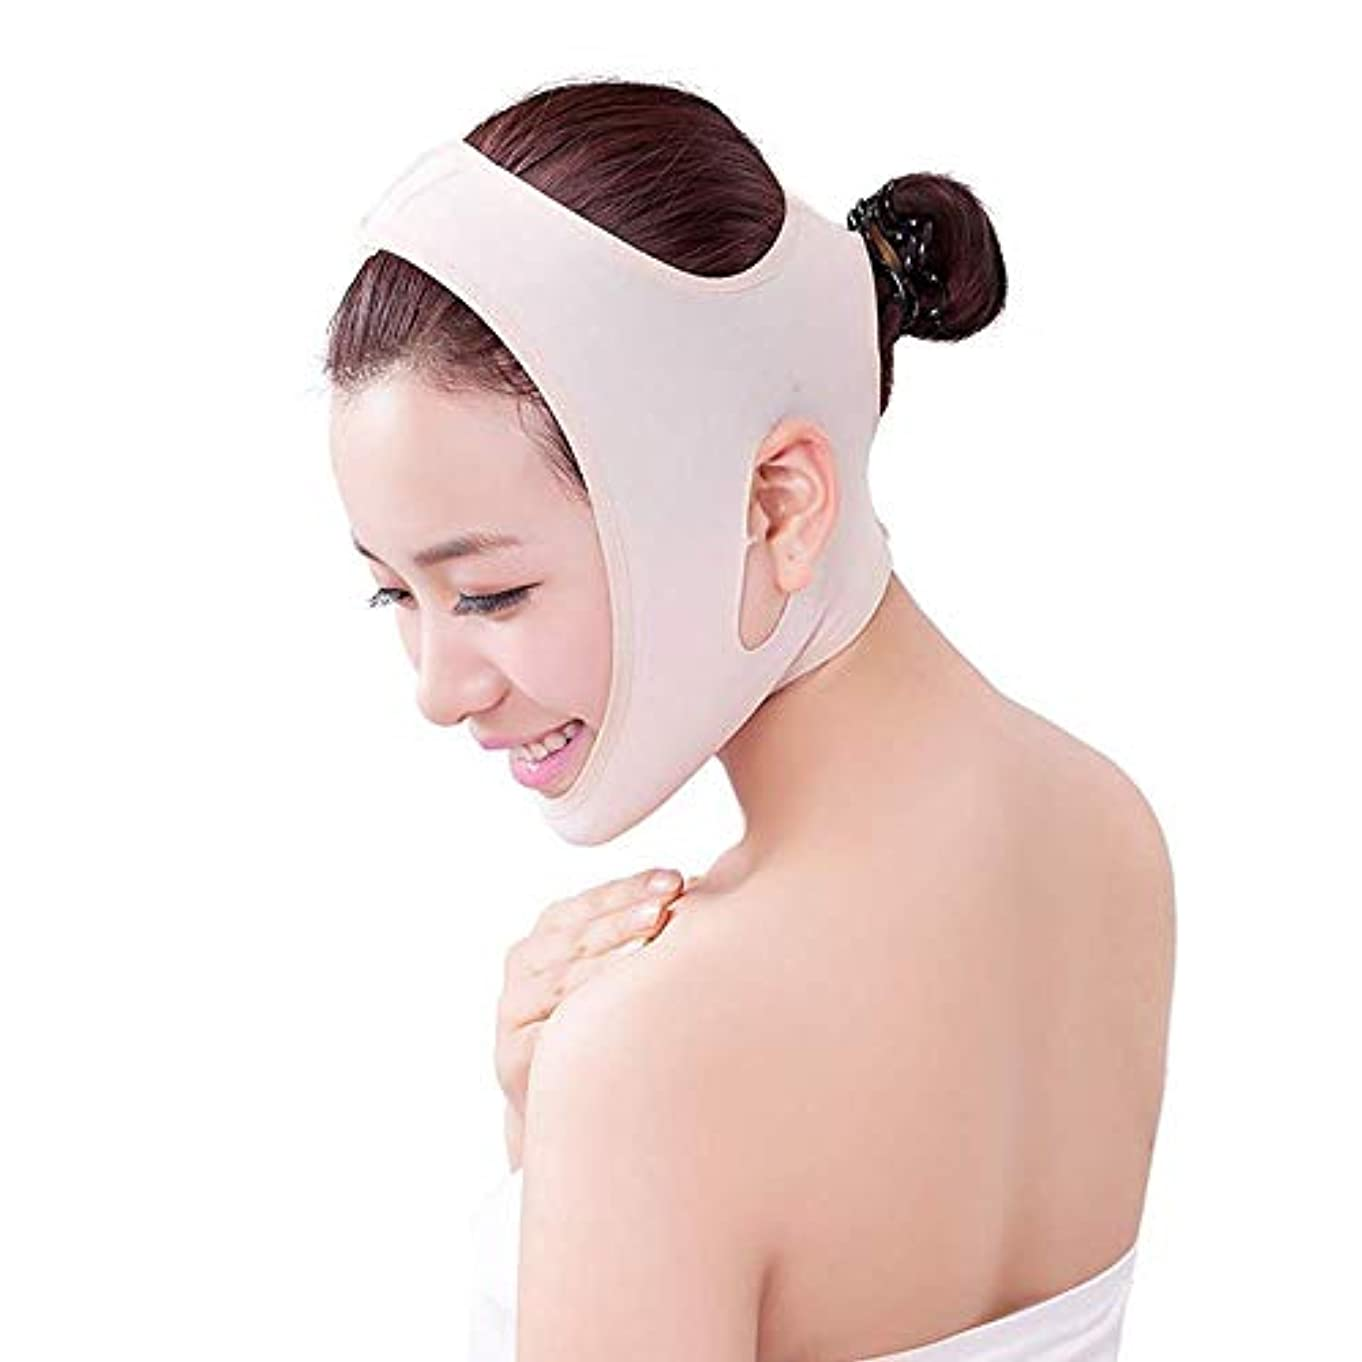 放置巻き戻す開発薄型フェイスベルト - 男性用および女性用の包帯をフランスの顔用リフティングマスク器具に引き締める薄型フェイスVフェイス薄型ダブルチンフェイスリフティングベルト(サイズ:M),S